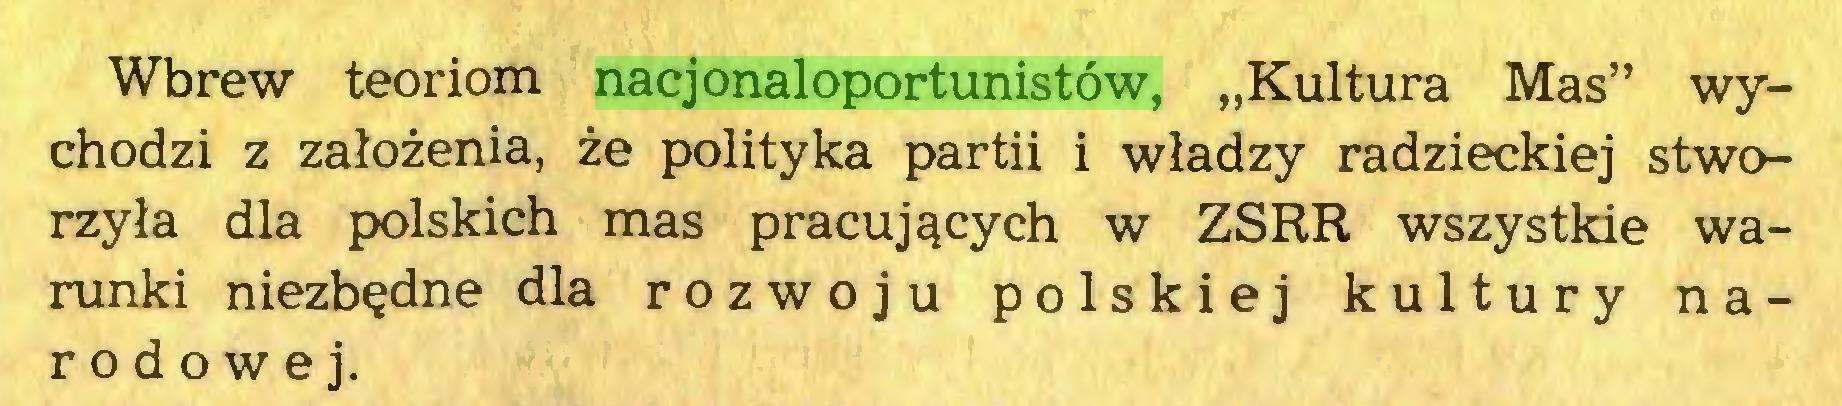 """(...) Wbrew teoriom nacjonaloportunistów, """"Kultura Mas"""" wychodzi z założenia, że polityka partii i władzy radzieckiej stworzyła dla polskich mas pracujących w ZSRR wszystkie warunki niezbędne dla rozwoju polskiej kultury narodowej..."""